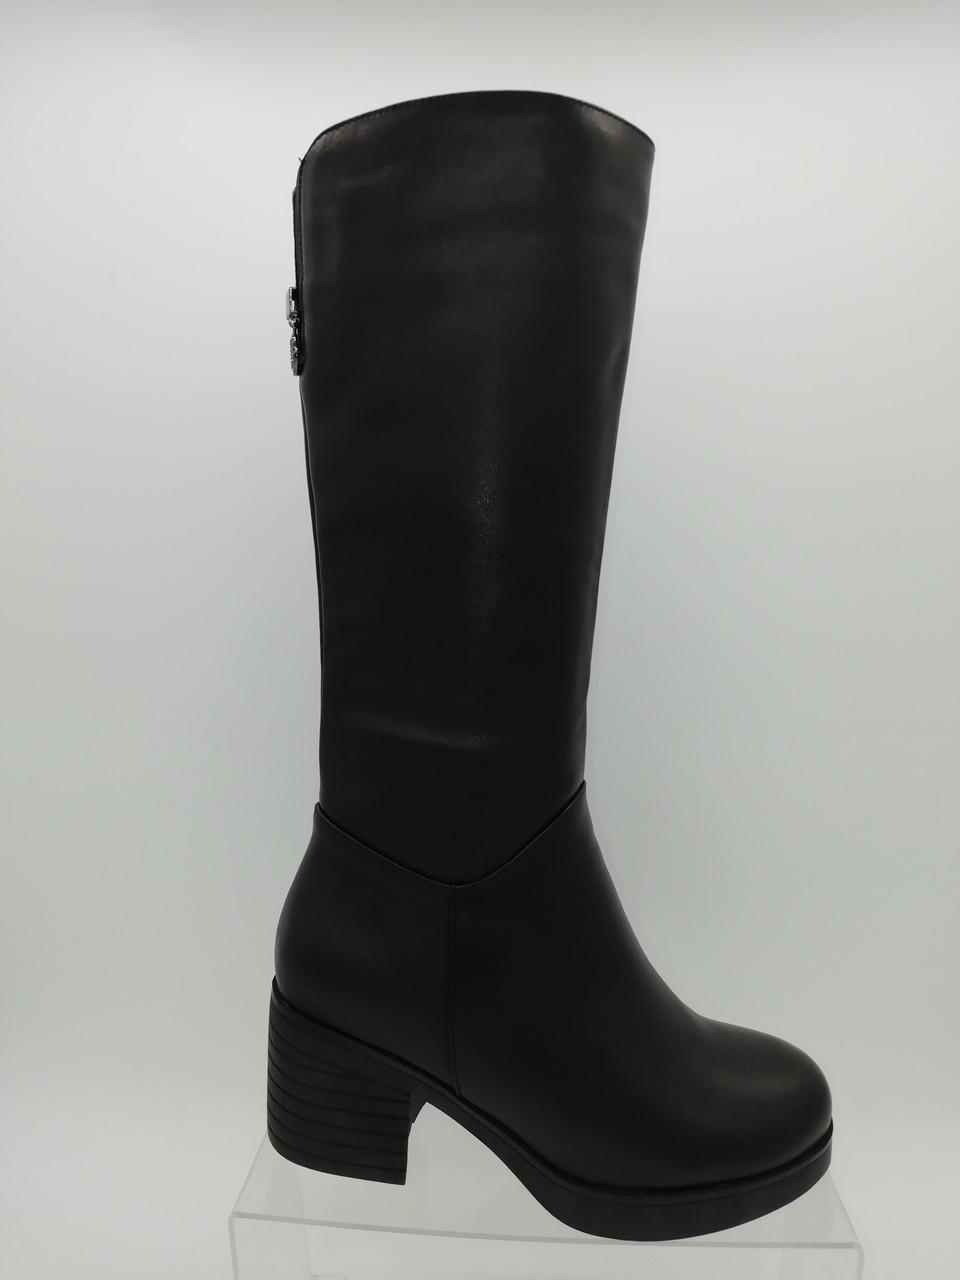 Шкіряні зимові чоботи. Маленькі розміри (33 - 35).